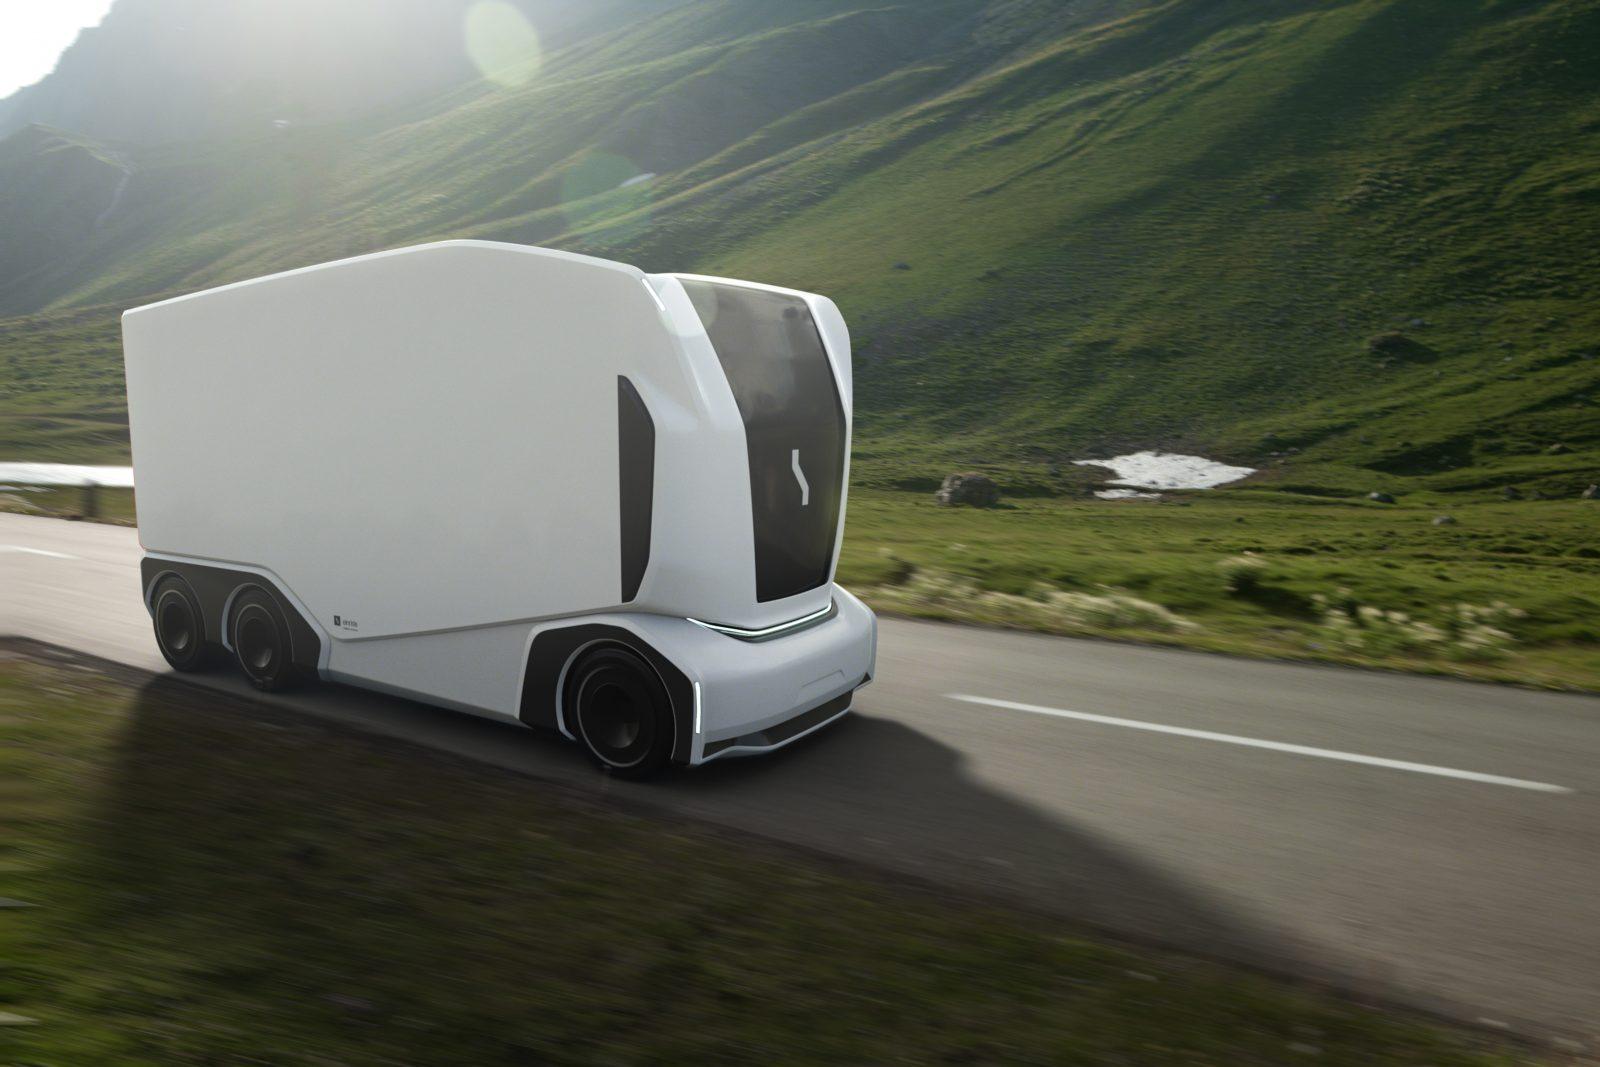 Németországban már fejlesztik az utat, ami menet közben tölti az elektromos kamionokat